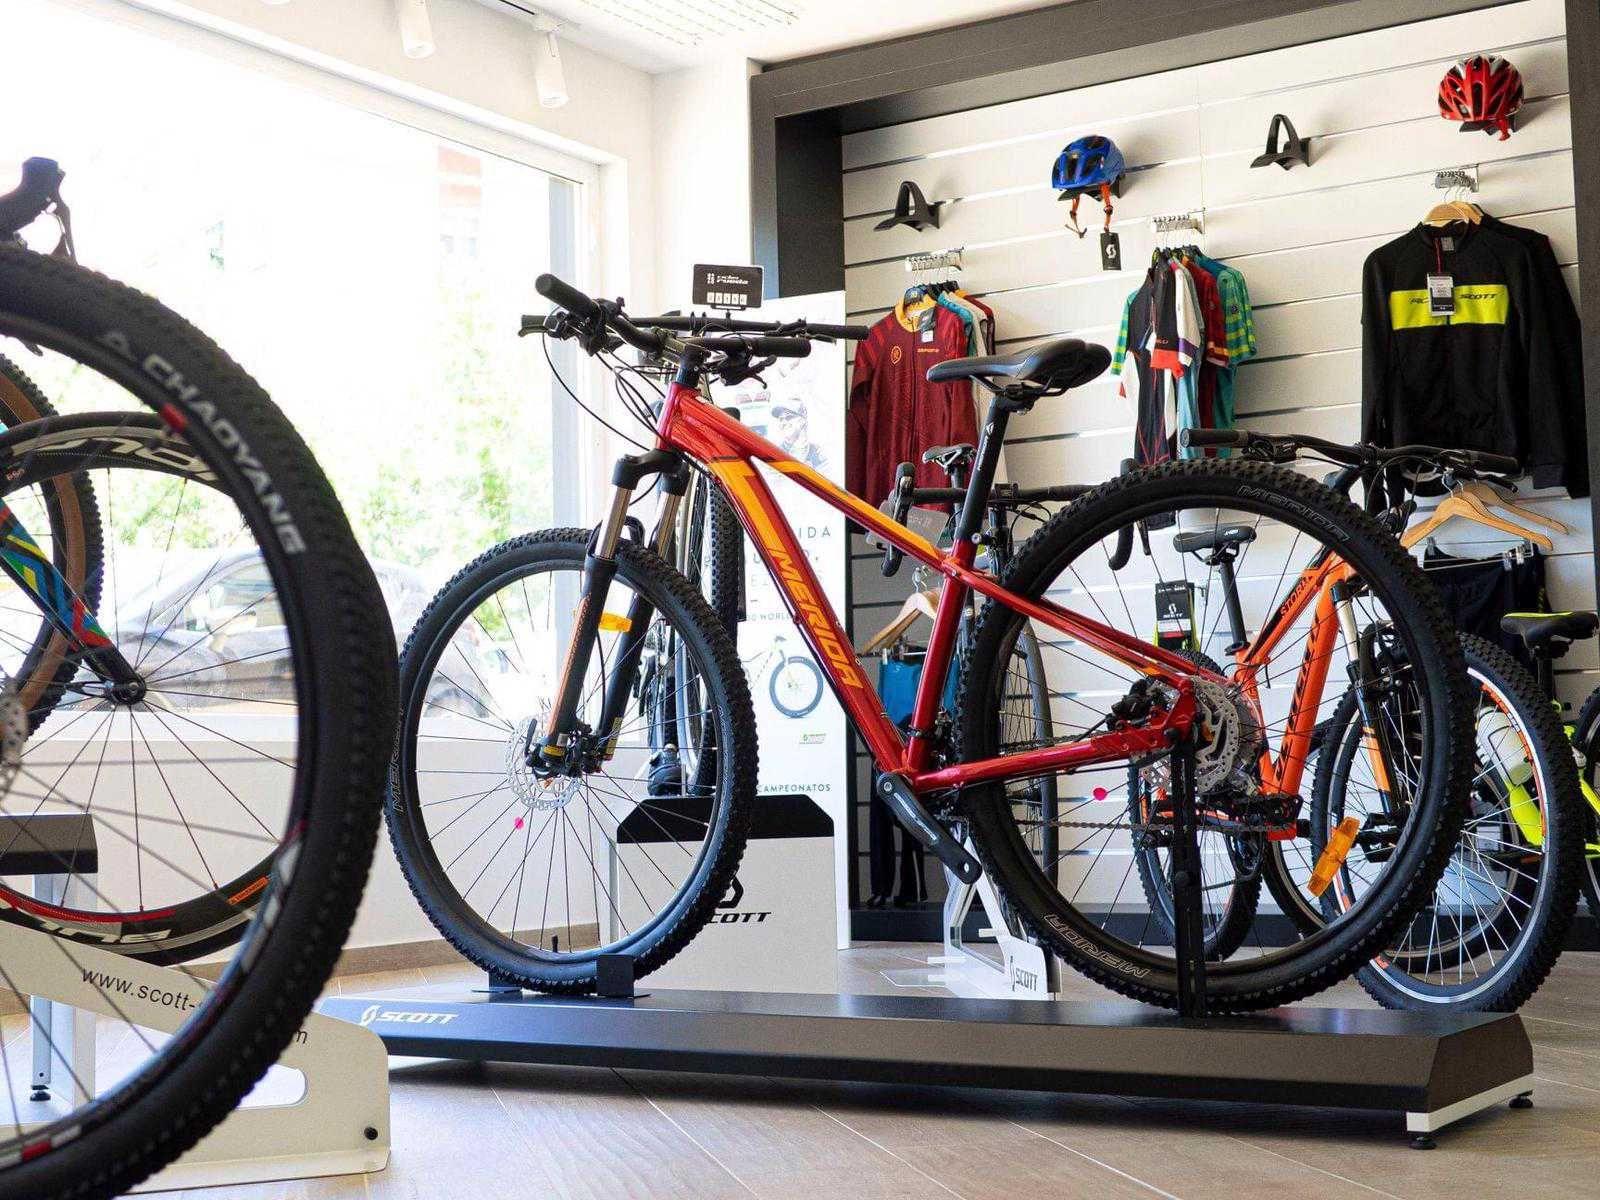 Bicicleta Merida Big Nine En Talla M 60372 Categoría Bicicletas De Montaña Año 2020 Cambio Otro Shimano C Bicicletas Merida Bicicletas Bicicletas Mtb